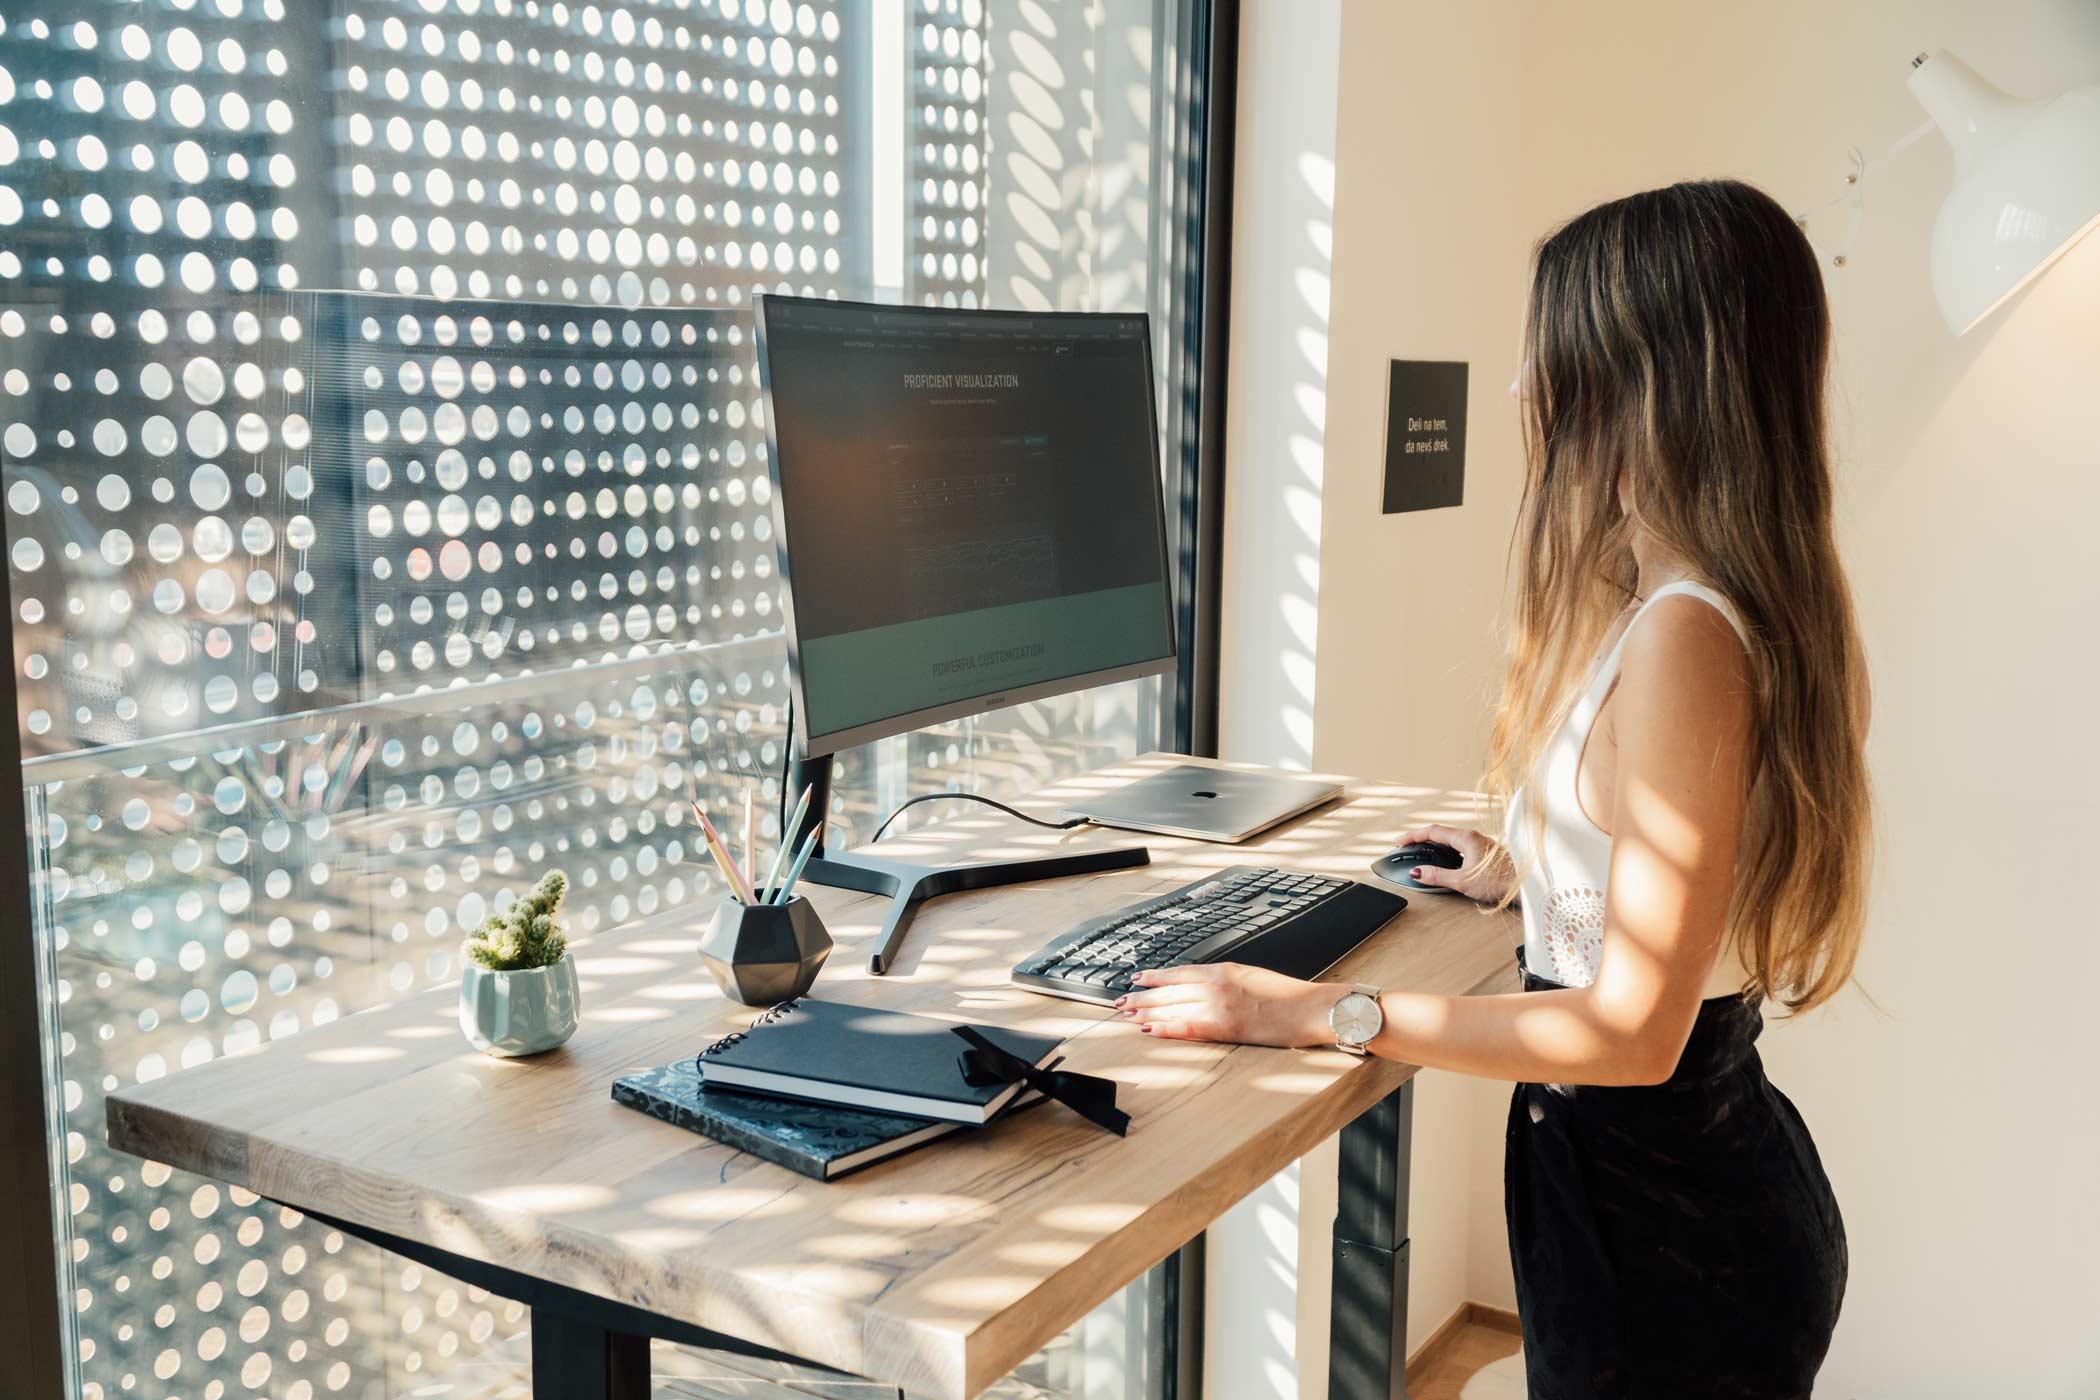 Pravilna ergonomska drža za pisalno mizo Ergochord.